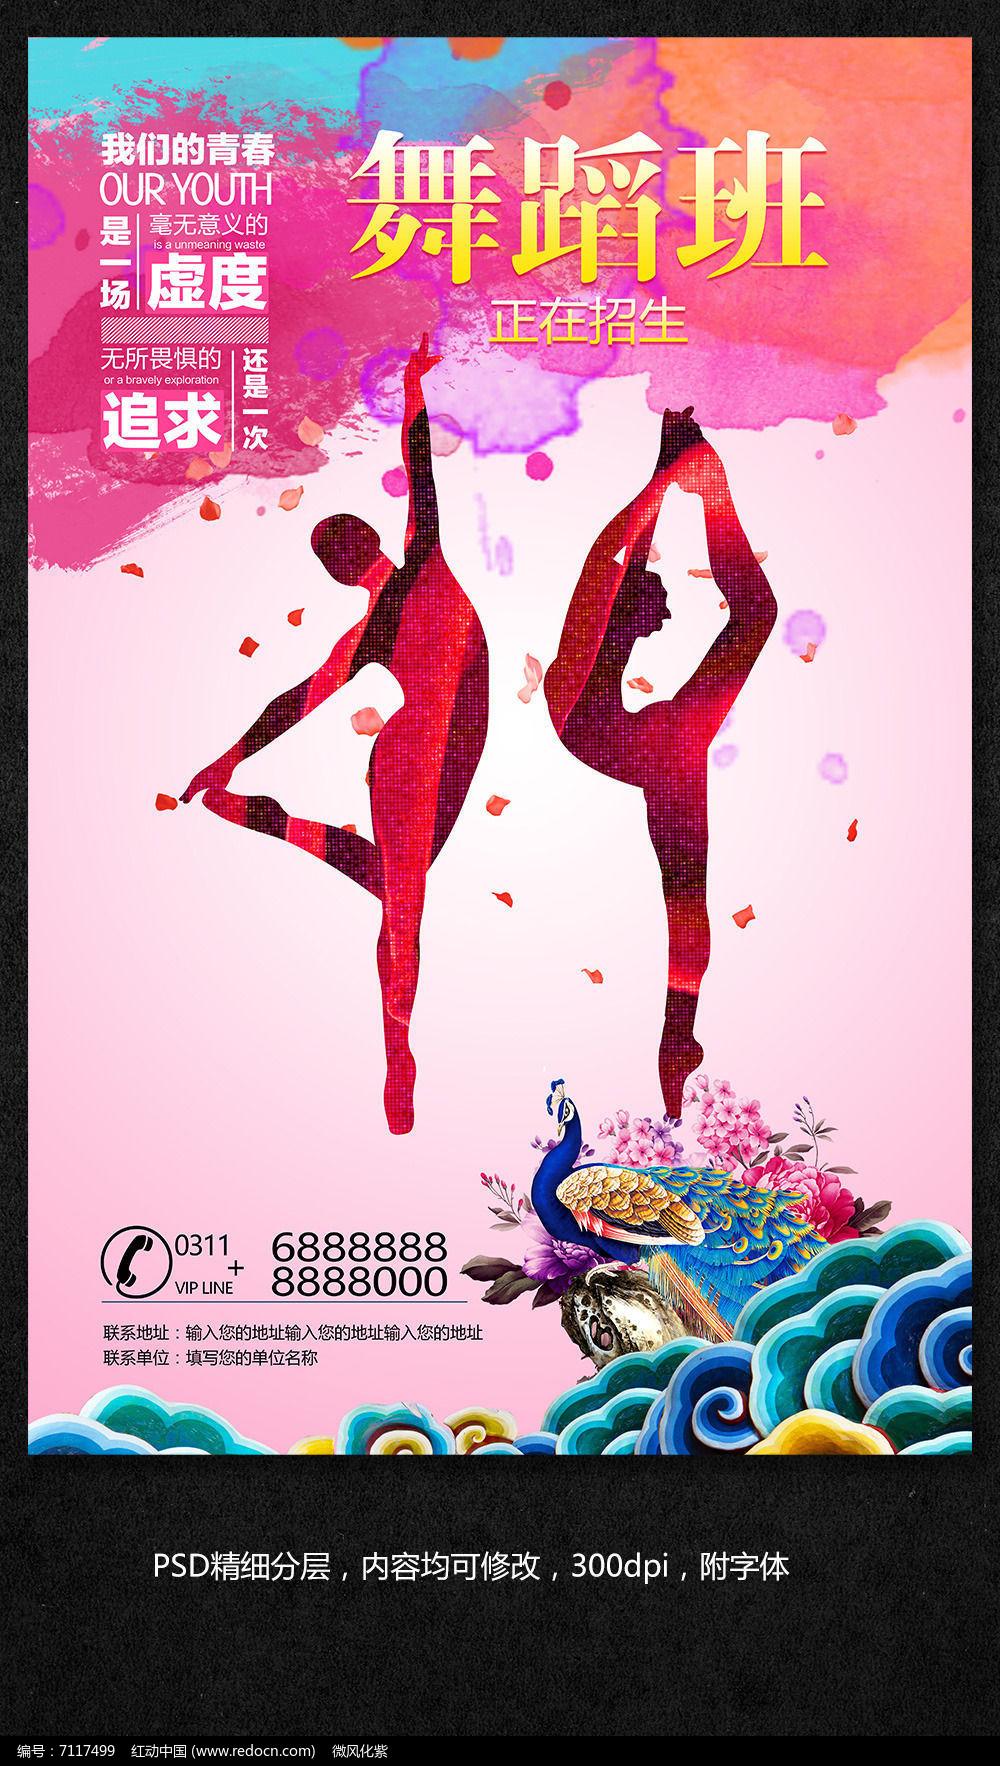 海报设计 舞蹈培训班招生纳新海报psd  请您分享: 素材描述:红动网